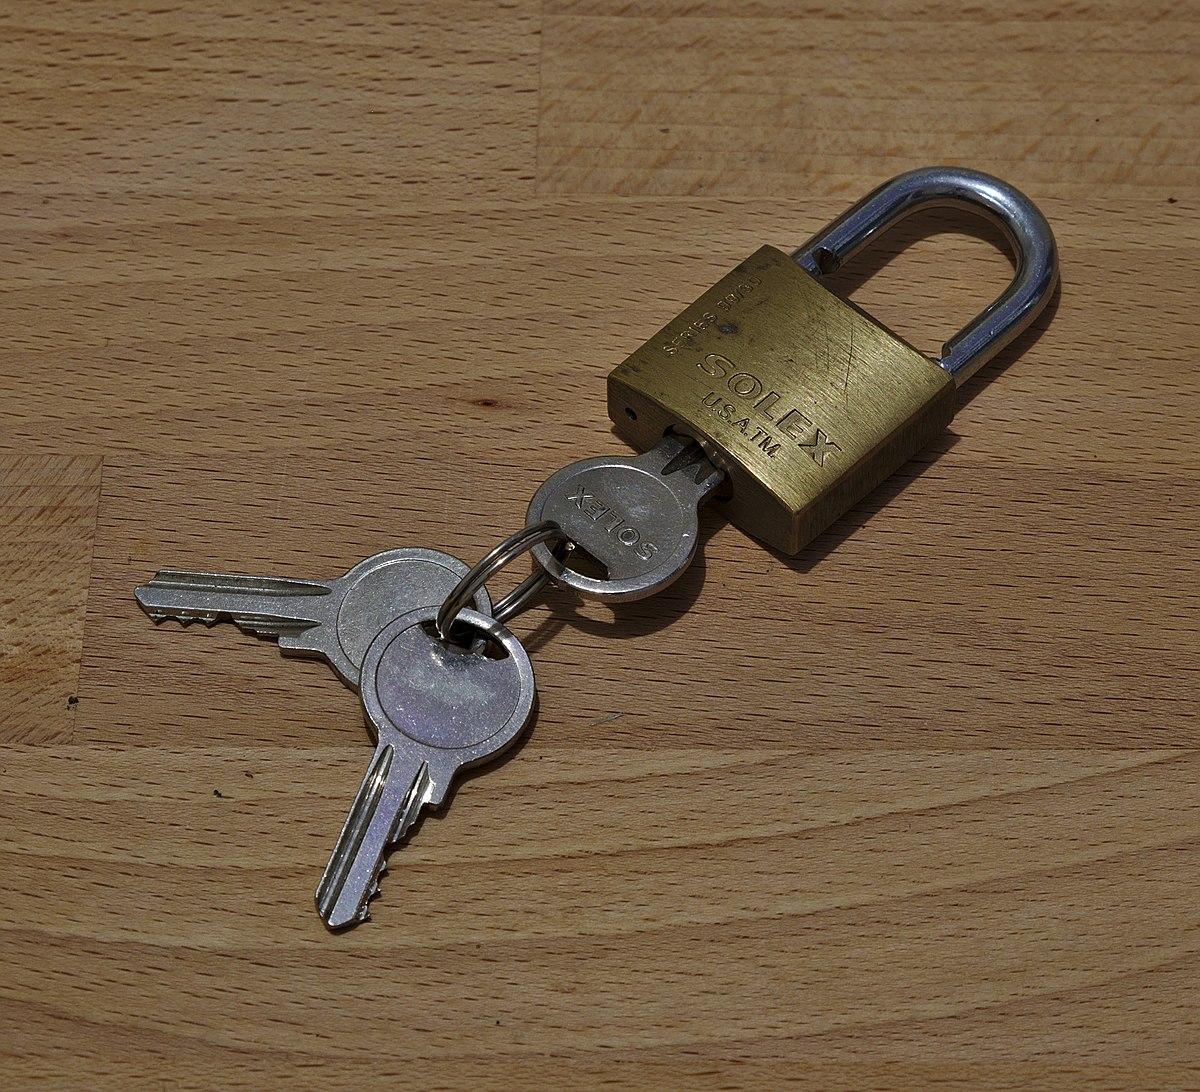 Lock and key - Wikipedia